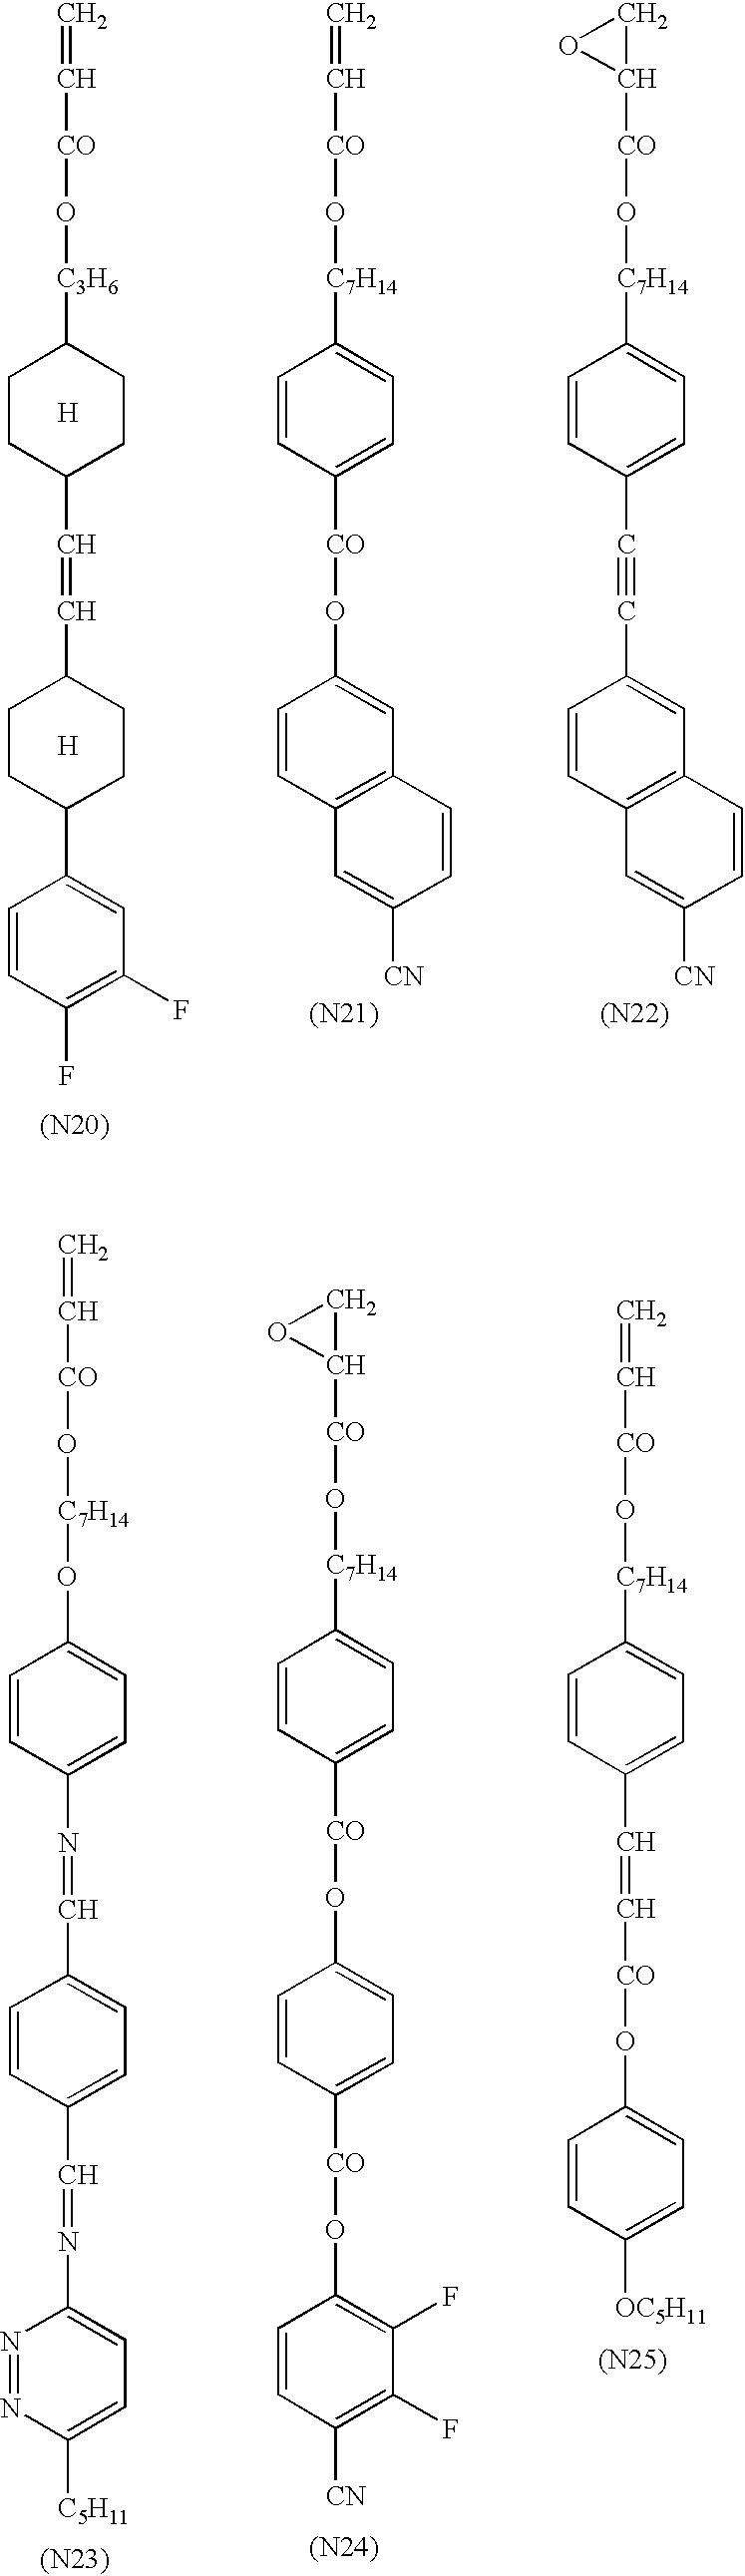 Figure US06583832-20030624-C00005